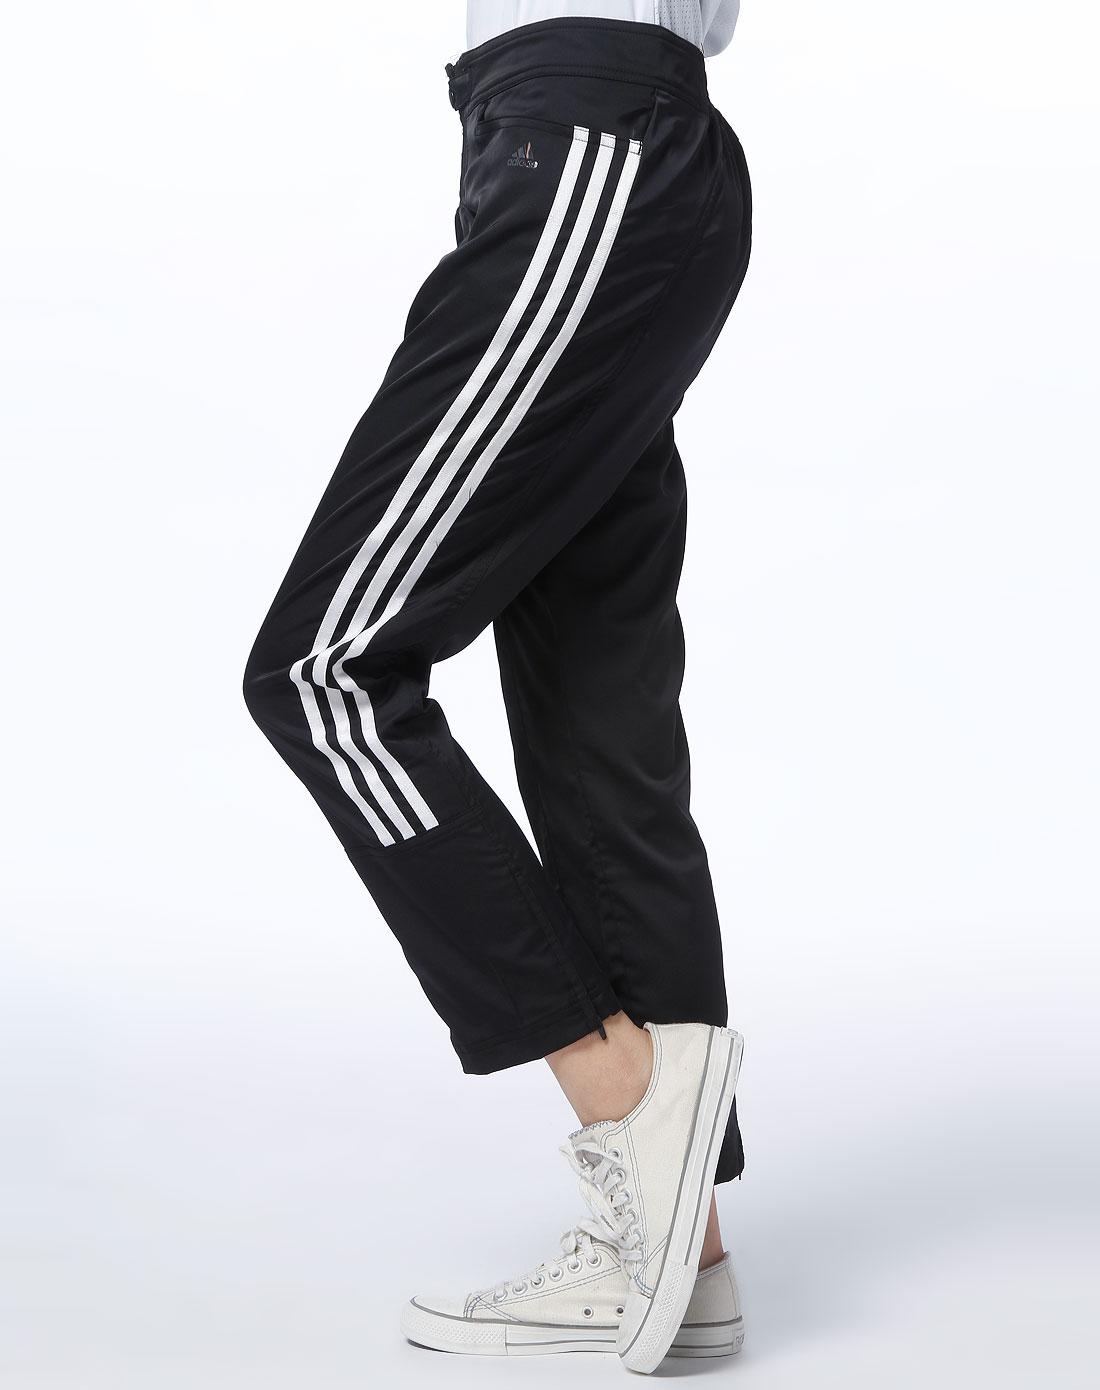 阿迪达斯adidas女款黑色九分裤